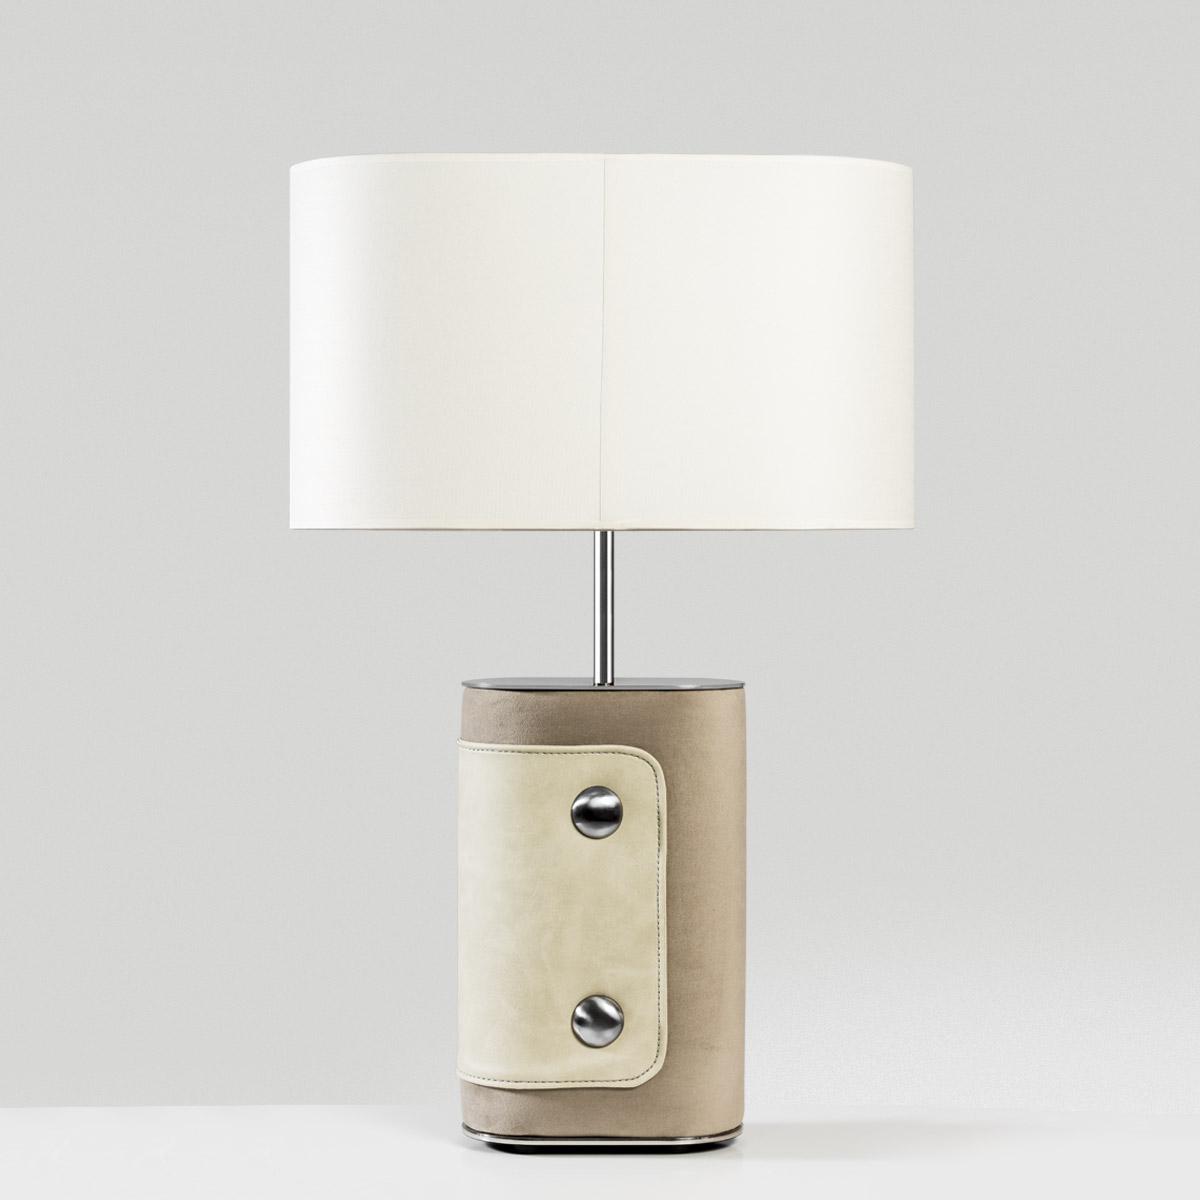 chevron Candeeiro Chevron colunex chevron table lamp 01